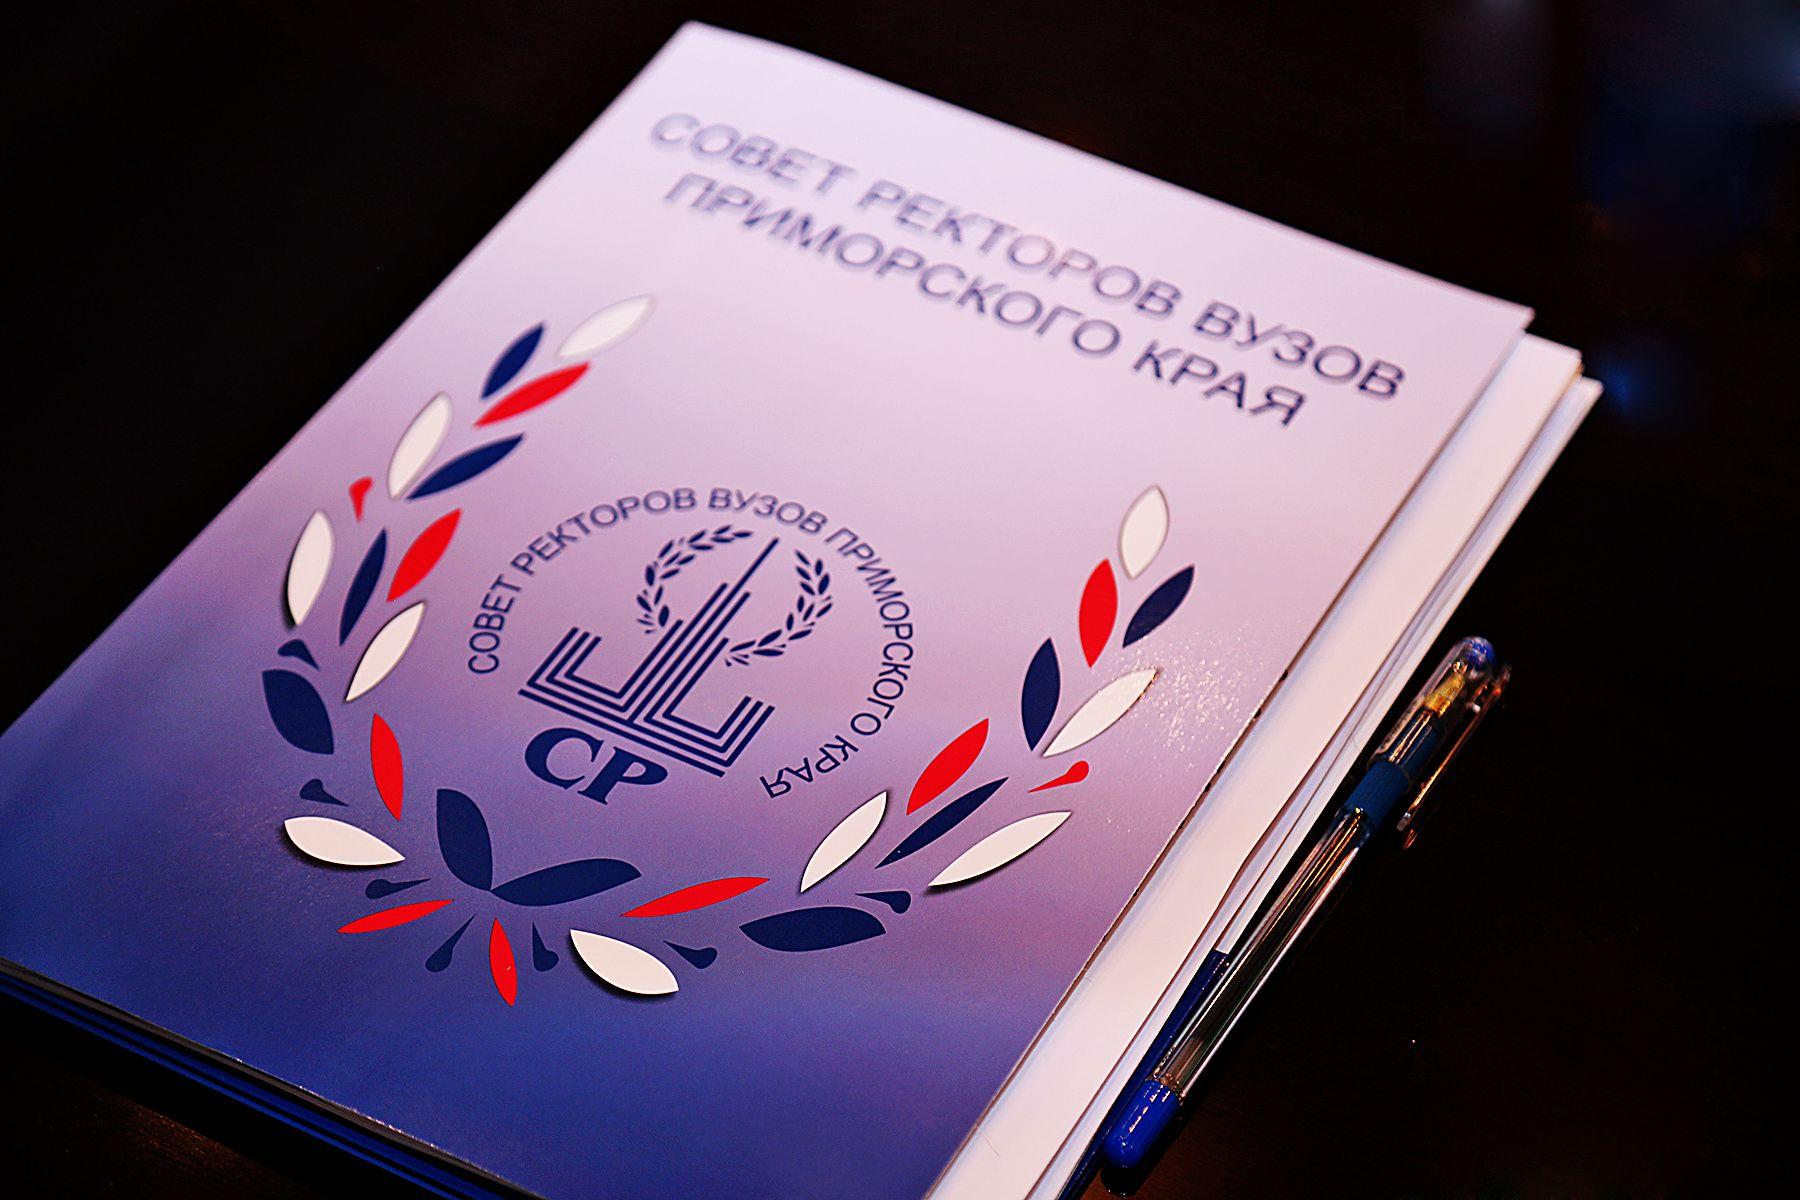 Совет ректоров вузов Приморского края: опыт ВГУЭС нужно перенимать